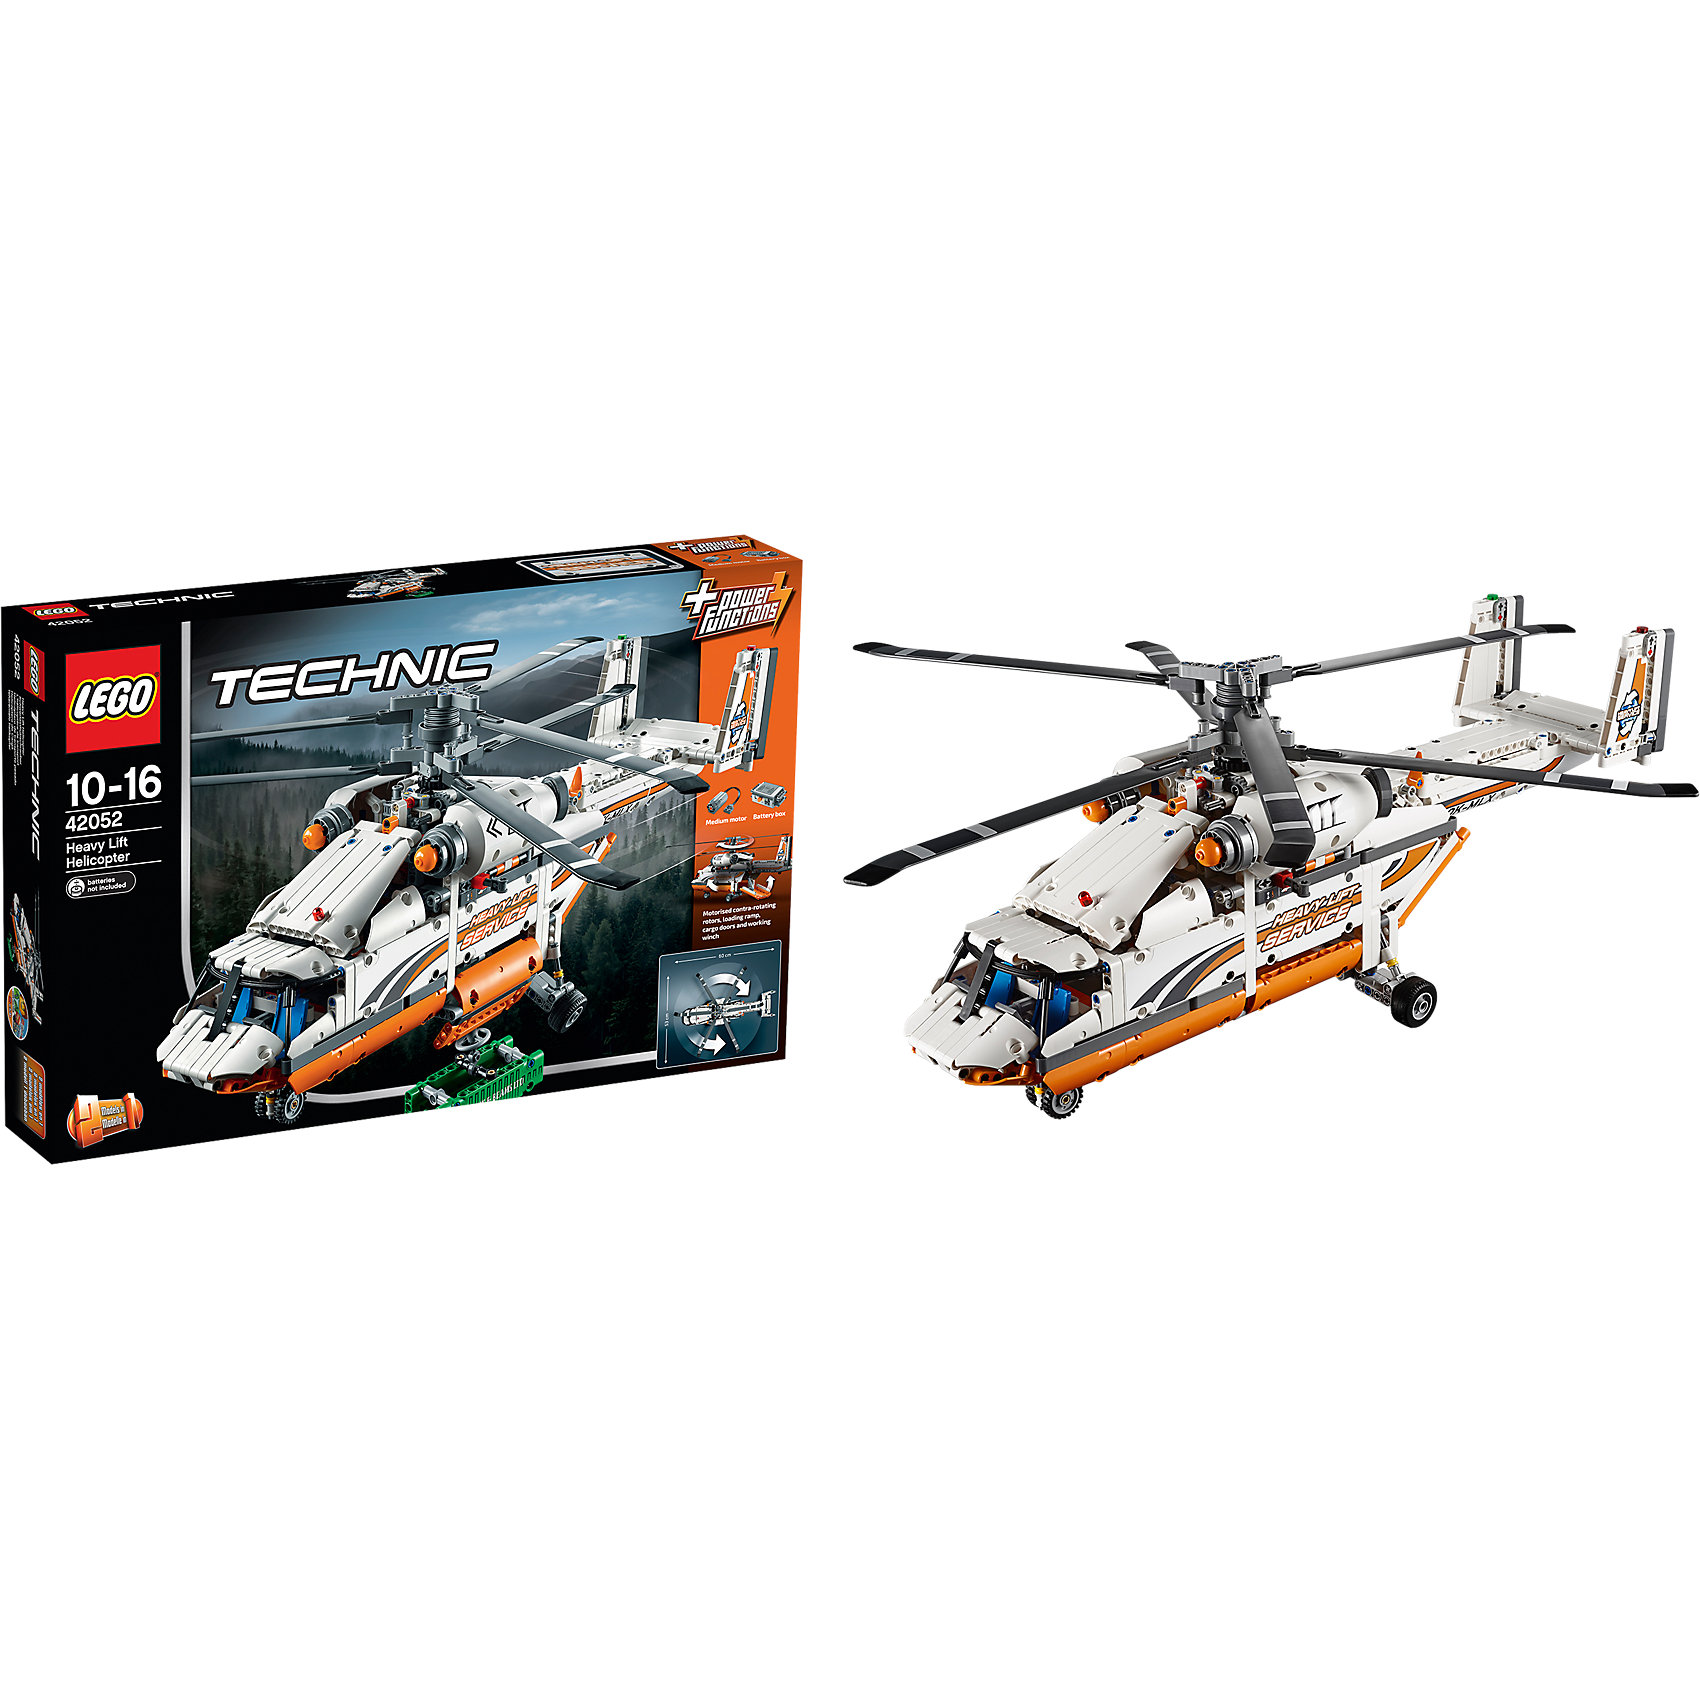 LEGO Technic 42052: Грузовой вертолетПластмассовые конструкторы<br>Характеристики:<br><br>• Предназначение: набор для конструирования, сюжетно-ролевые игры<br>• Пол: для мальчиков<br>• Материал: пластик<br>• Цвет: белый, черный, серый, оранжевый<br>• Серия LEGO: Technic<br>• Размер упаковки (Д*Ш*В): 58*8,7*37,8 см<br>• Вес: 1 кг 845 г<br>• Количество деталей: 1042 шт.<br>• Наличие двигающихся, вращающихся и открывающихся элементов<br>• Комплектация: детали для конструирования 2-х вариантов грузового воздушного транспорта<br>• Батарейки: 6 шт. типа АА (в комплекте не предусмотрены)<br><br>LEGO Technic 42052: Грузовой вертолет – набор от всемирно известного производителя конструкторов для детей всех возрастных категорий. LEGO Technic 42025: Грузовой самолёт является базовым набором повышенной сложности серии Technic. Элементы конструктора позволяют сконструировать 2 варианта грузового транспорта: грузовой вертолет или двухроторный вертолет. Разнообразие элементов позволят воссоздавать юному конструктору все реалистичные элементы и функции грузового воздушного транспорта: вращающиеся винты, открывающийся грузовой отсек, лебедка, подвижный хвостовой руль и др. В комплекте предусмотрена яркая инструкция, которая научит вашего ребенка действовать по образцу. <br>Игры с конструкторами LEGO развивают усидчивость, внимательность, мелкую моторику рук, способствуют формированию конструкторского мышления. С набором LEGO Technic 42052: Грузовой вертолет ваш ребенок сможет придумывать целые сюжетные истории, развивая тем самым воображение и обогащая свой словарный запас. <br><br>LEGO Technic 42052: Грузовой вертолет можно купить в нашем интернет-магазине.<br><br>Ширина мм: 583<br>Глубина мм: 375<br>Высота мм: 86<br>Вес г: 1872<br>Возраст от месяцев: 120<br>Возраст до месяцев: 192<br>Пол: Мужской<br>Возраст: Детский<br>SKU: 4259081